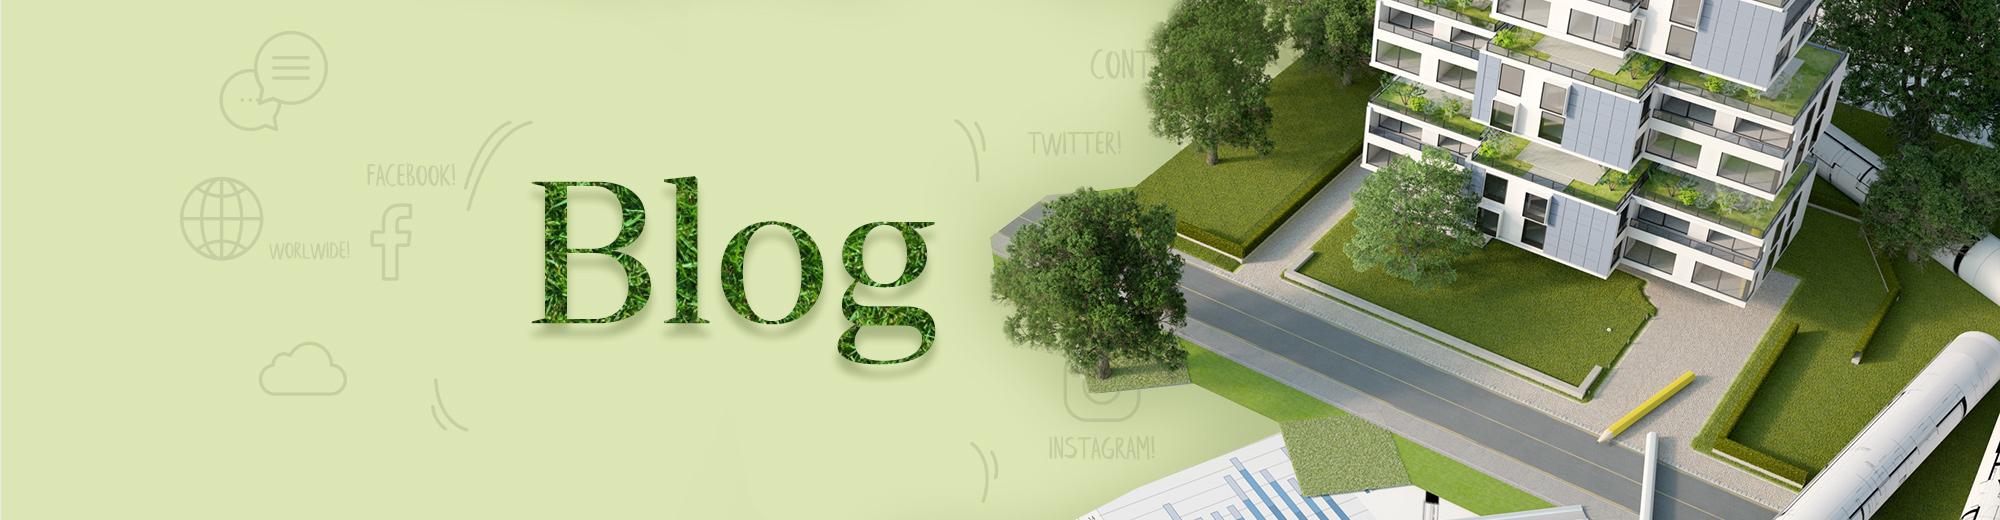 Banner de Blog